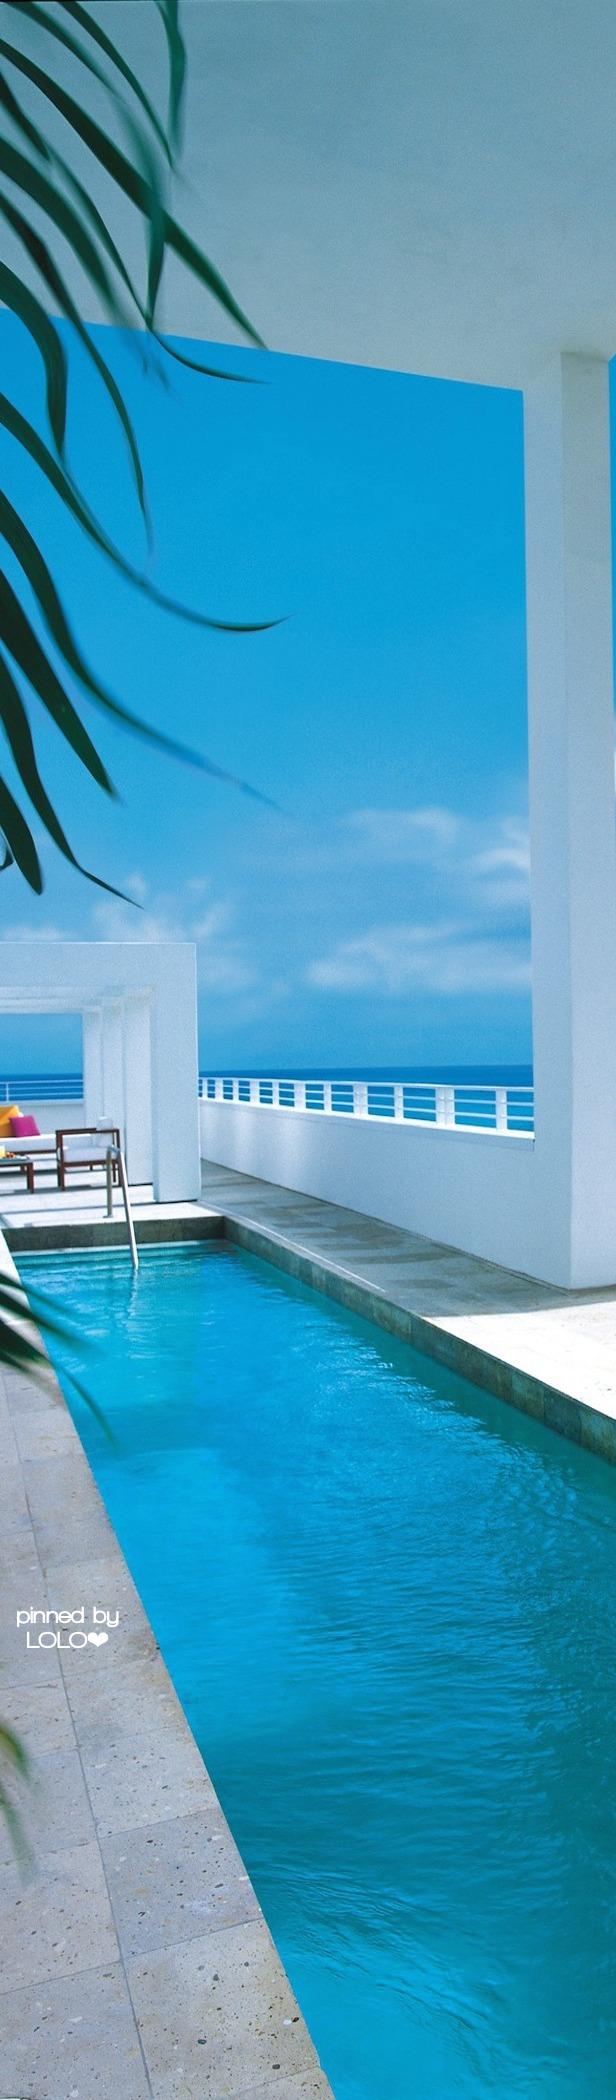 Shore Club Miami   LOLO